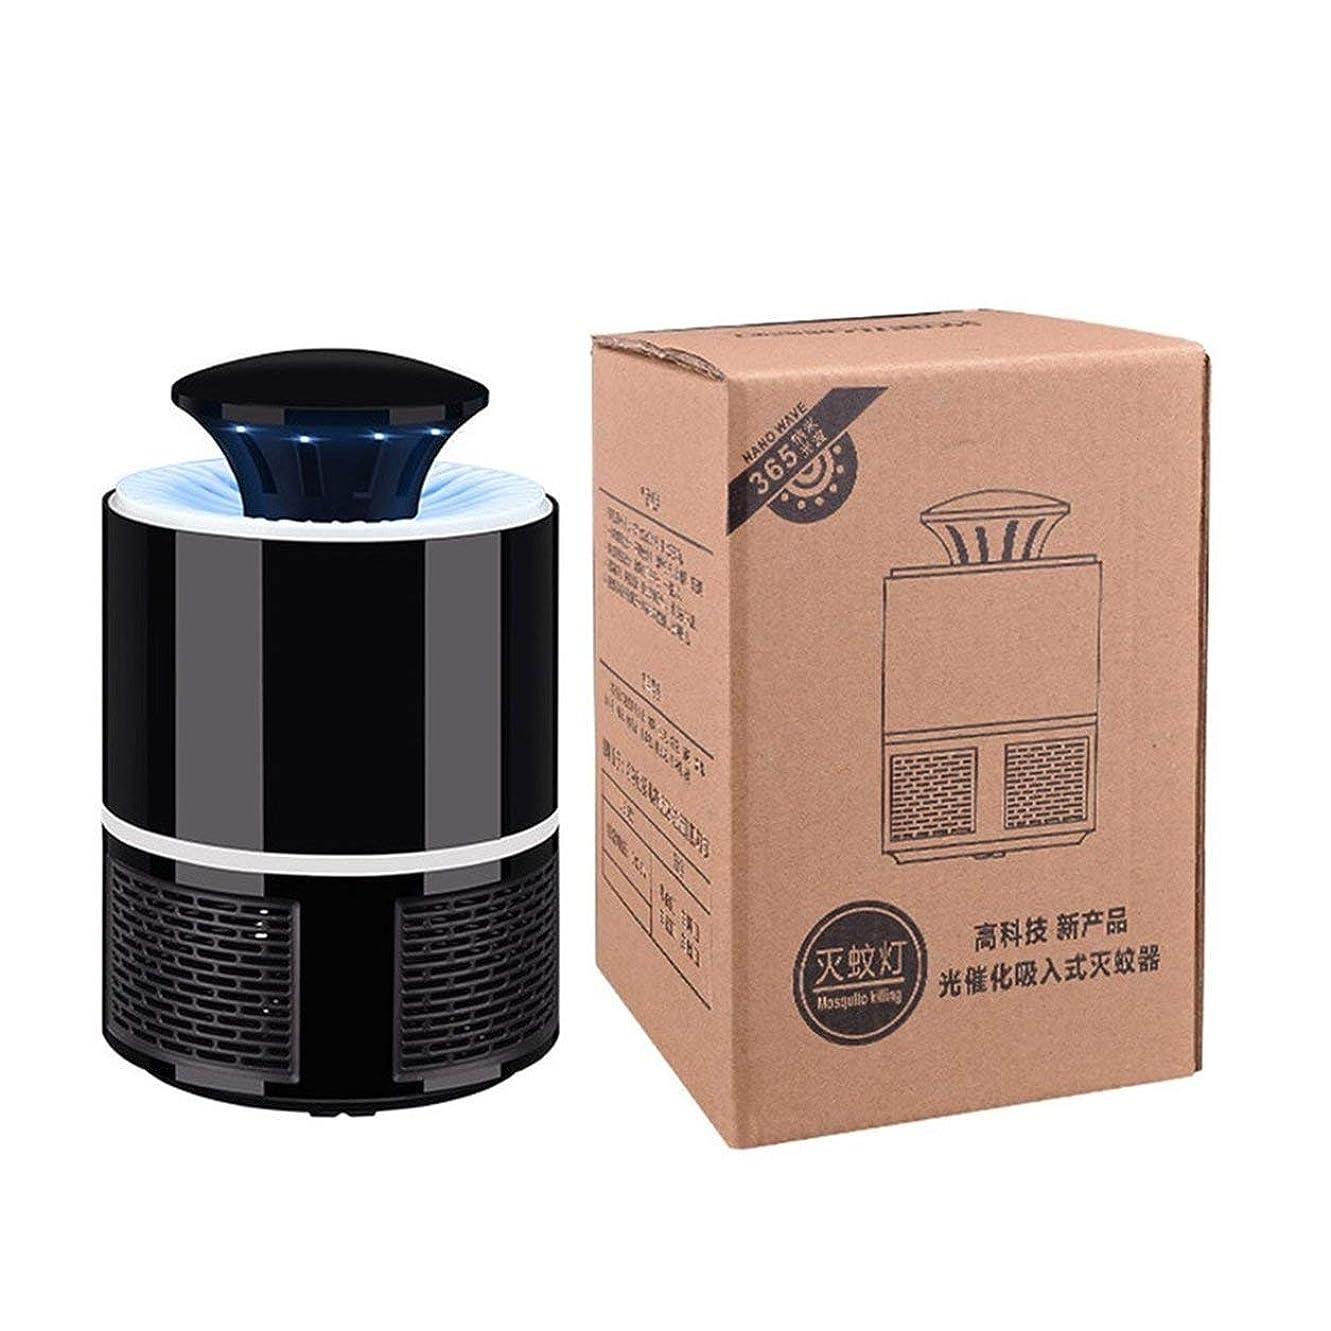 オリエント脅迫勇敢なSaikogoods 吸引ファンを備えた電子モスキートキラー 光触媒の光 バグ昆虫キャッチャー USB電源 非放射線モスキートトラップ 黒